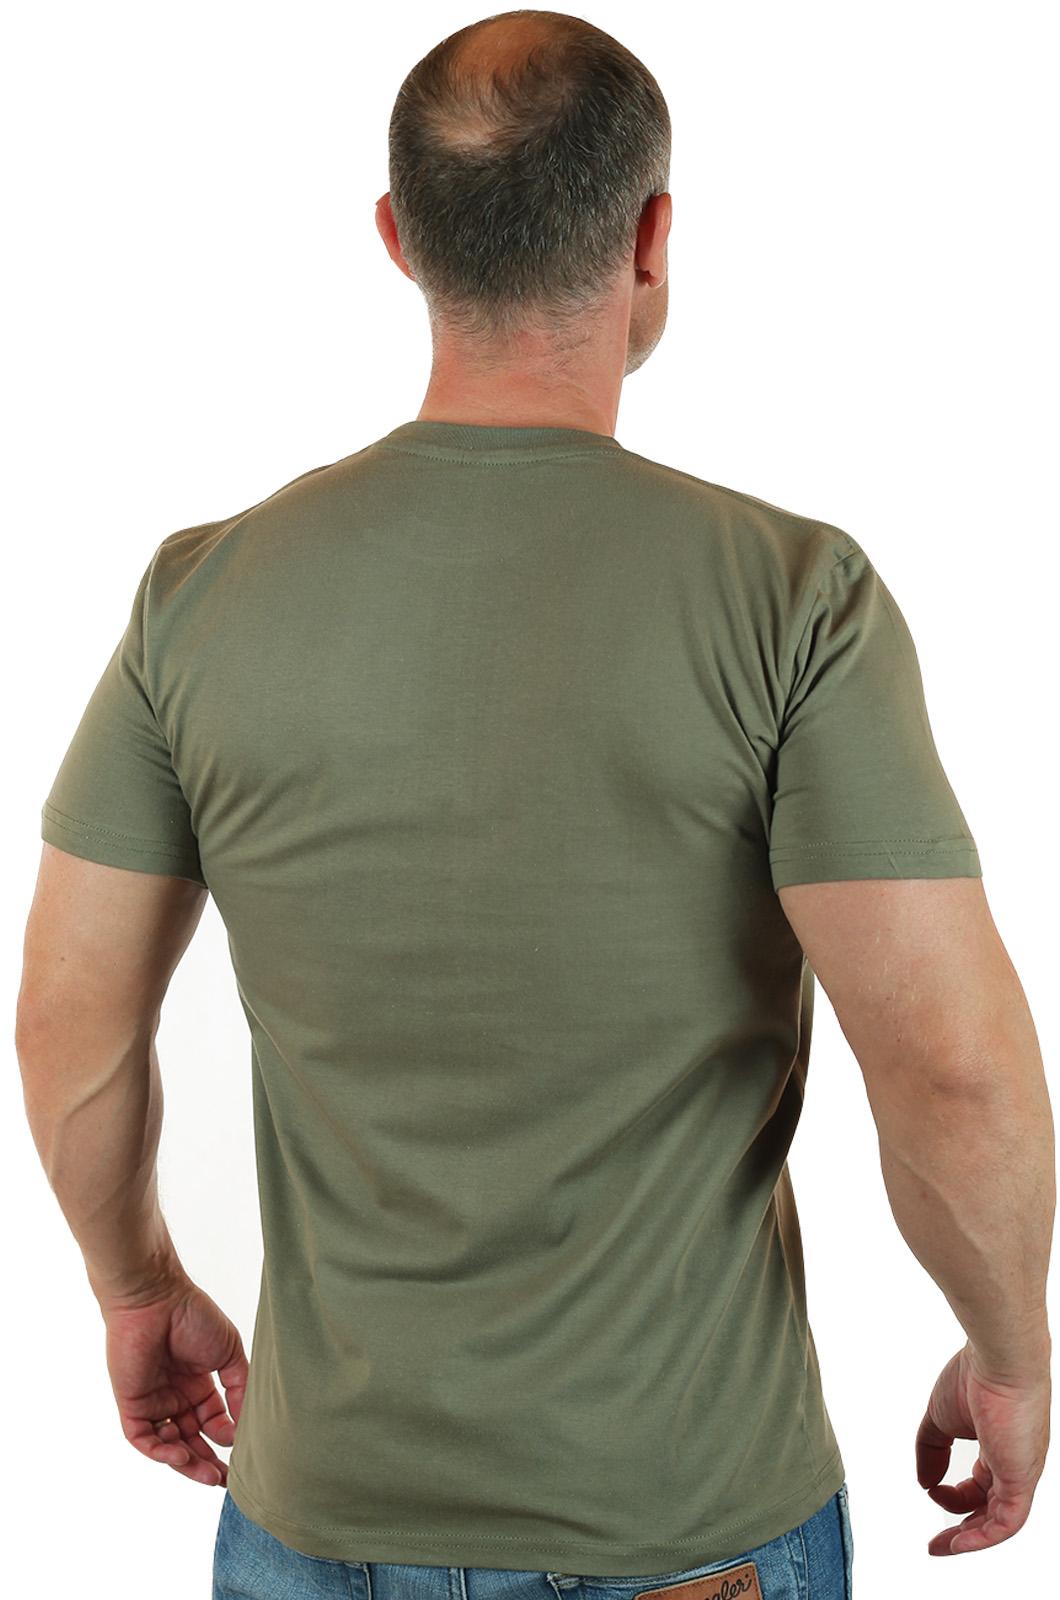 Мужская футболка в цвете хаки с эмблемой ФСО купить в подарок